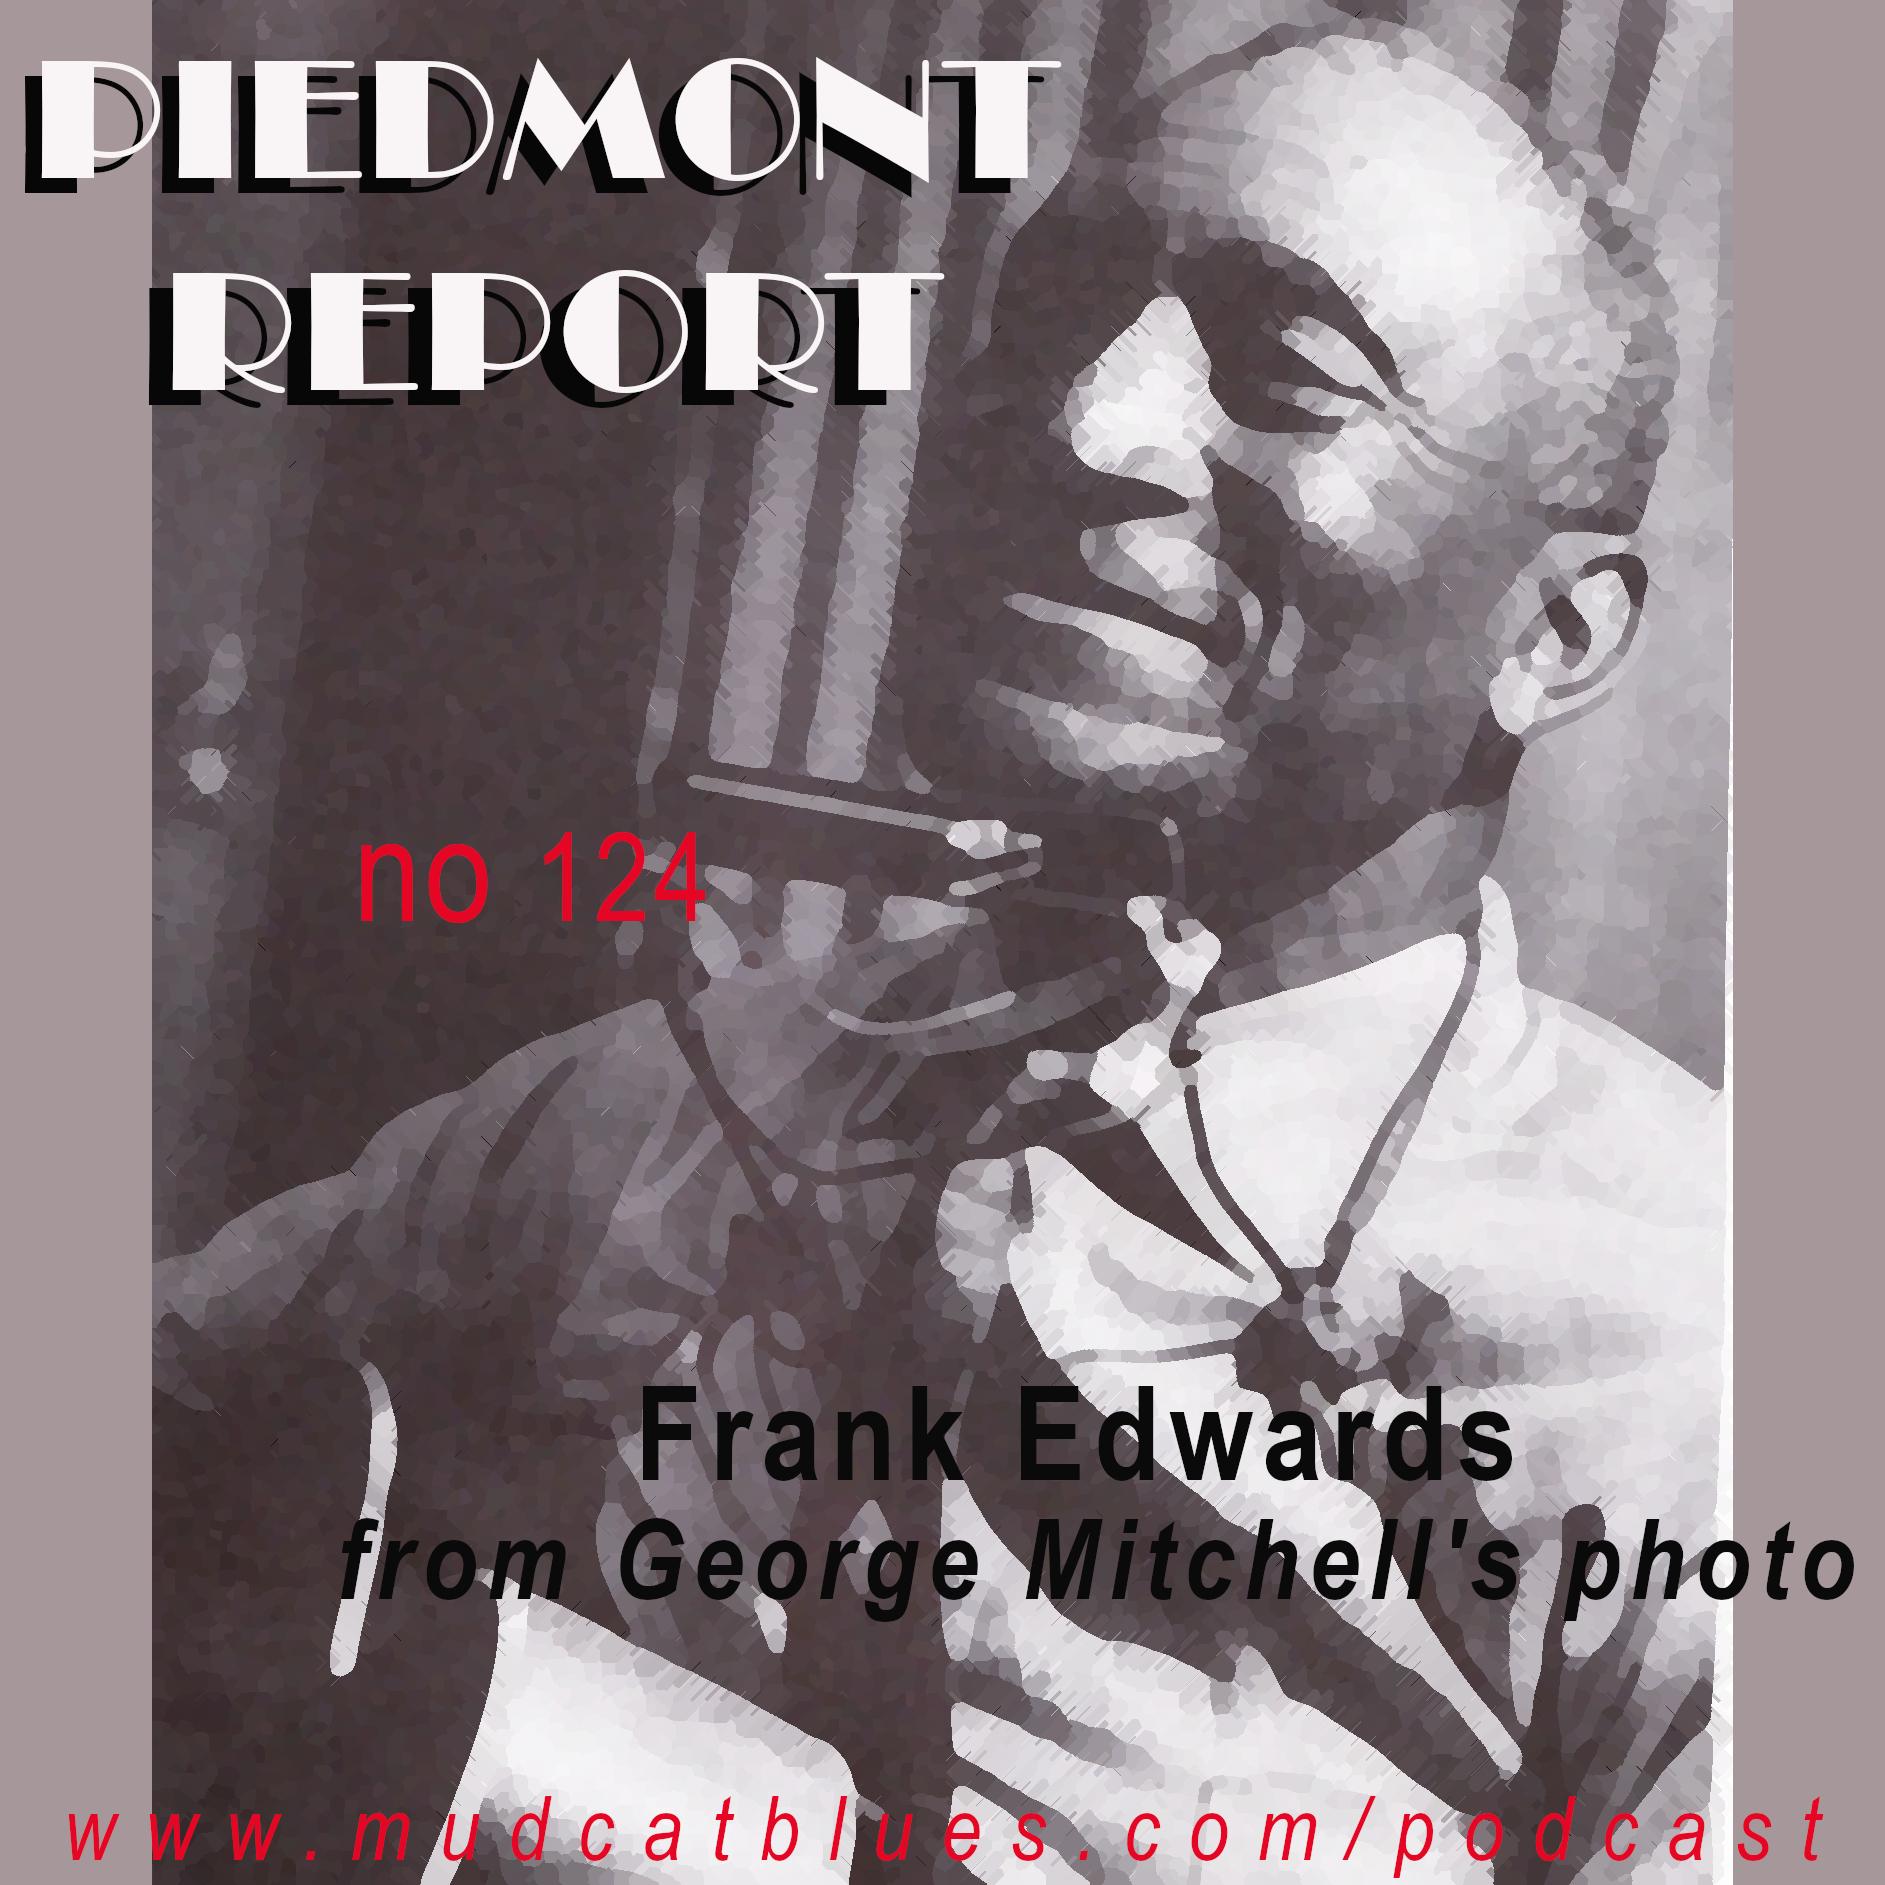 Piedmont Report 124